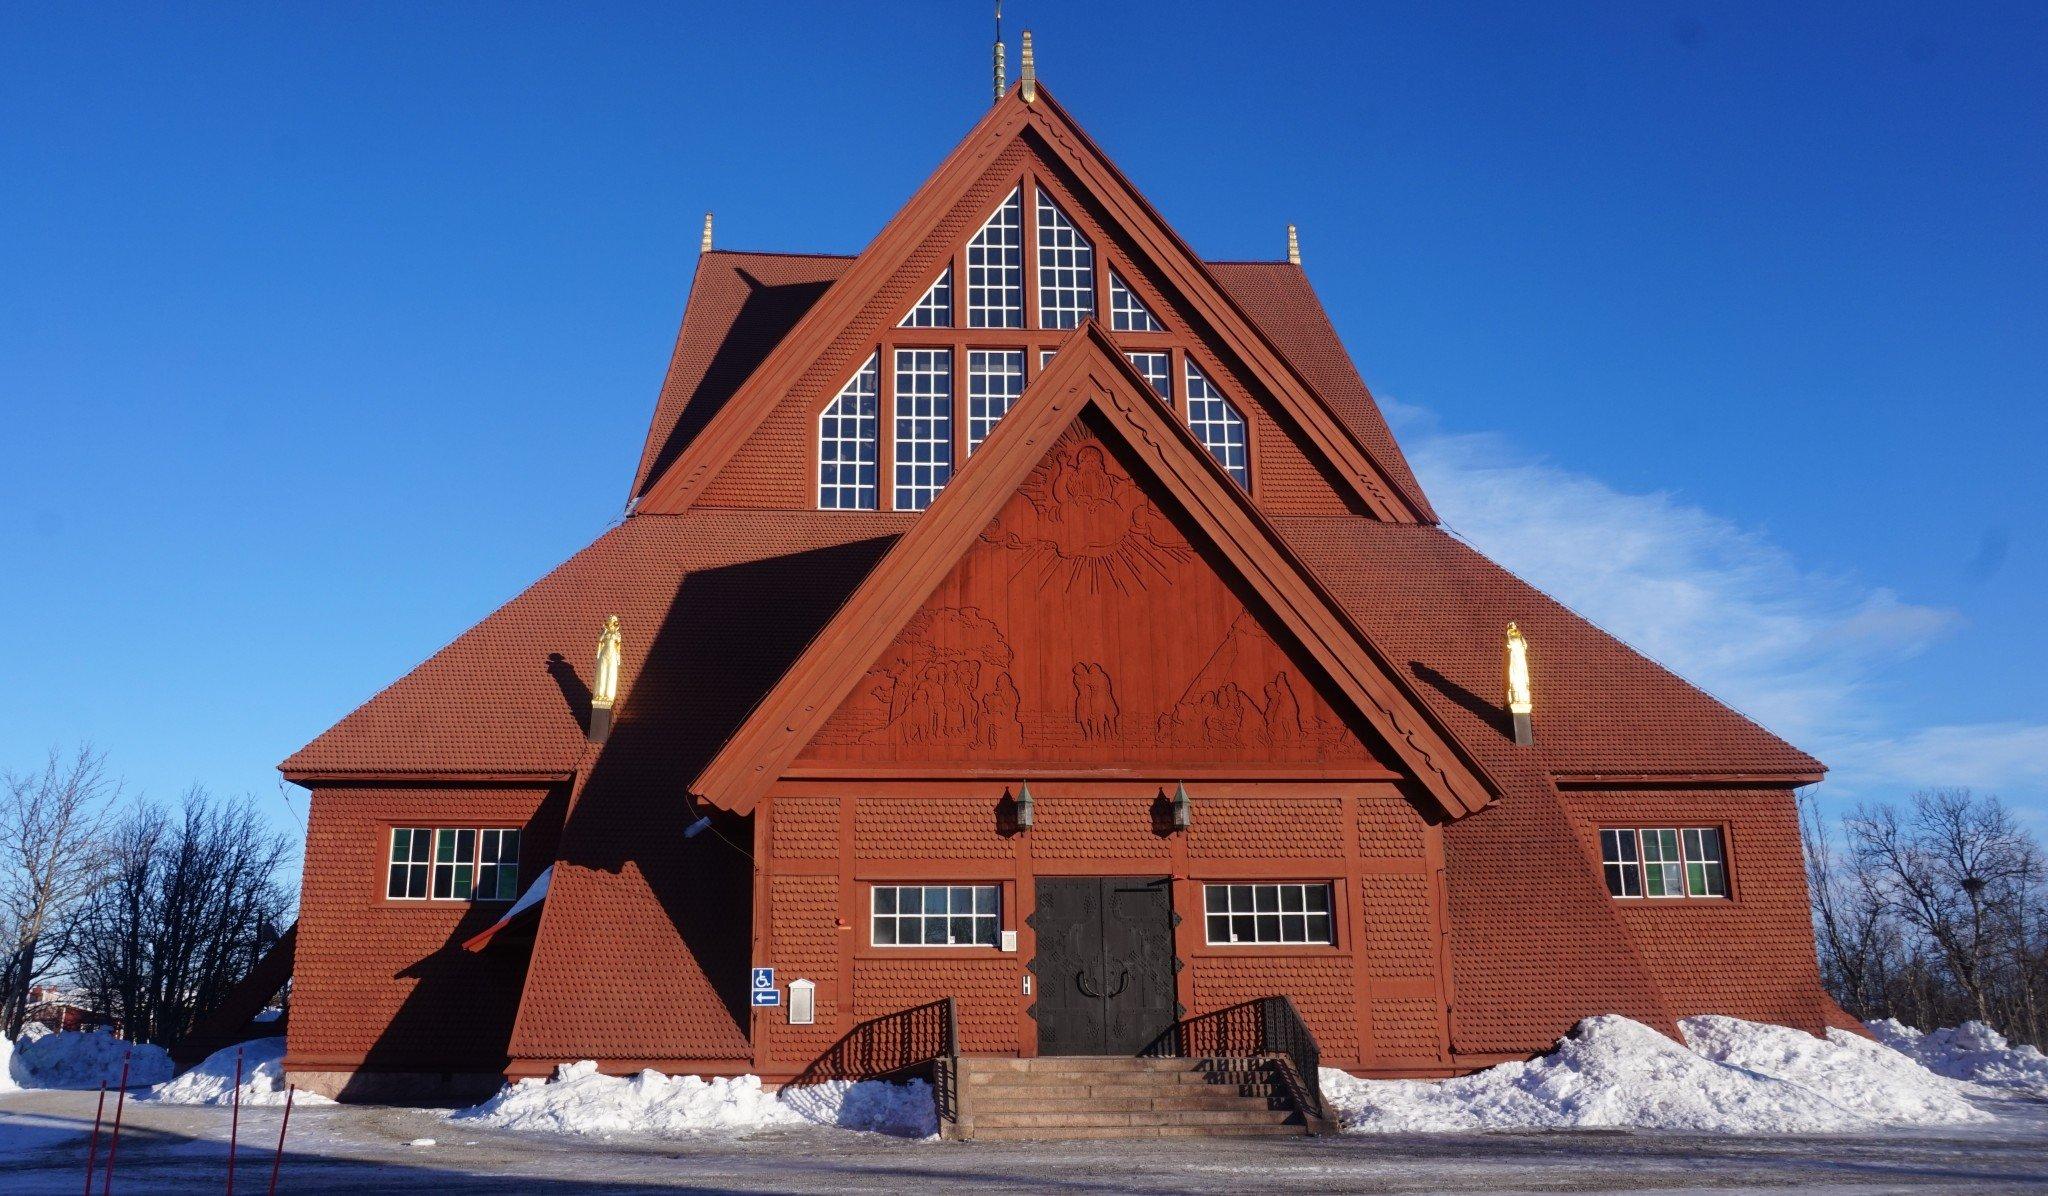 Saa nähdä siirretäänkö Kiirunan kirkkoa uuteen paikkaan. Upea punainen kirkko on äänestetty yhdeksi Ruotsin kauneimmaksi rakennukseksi.